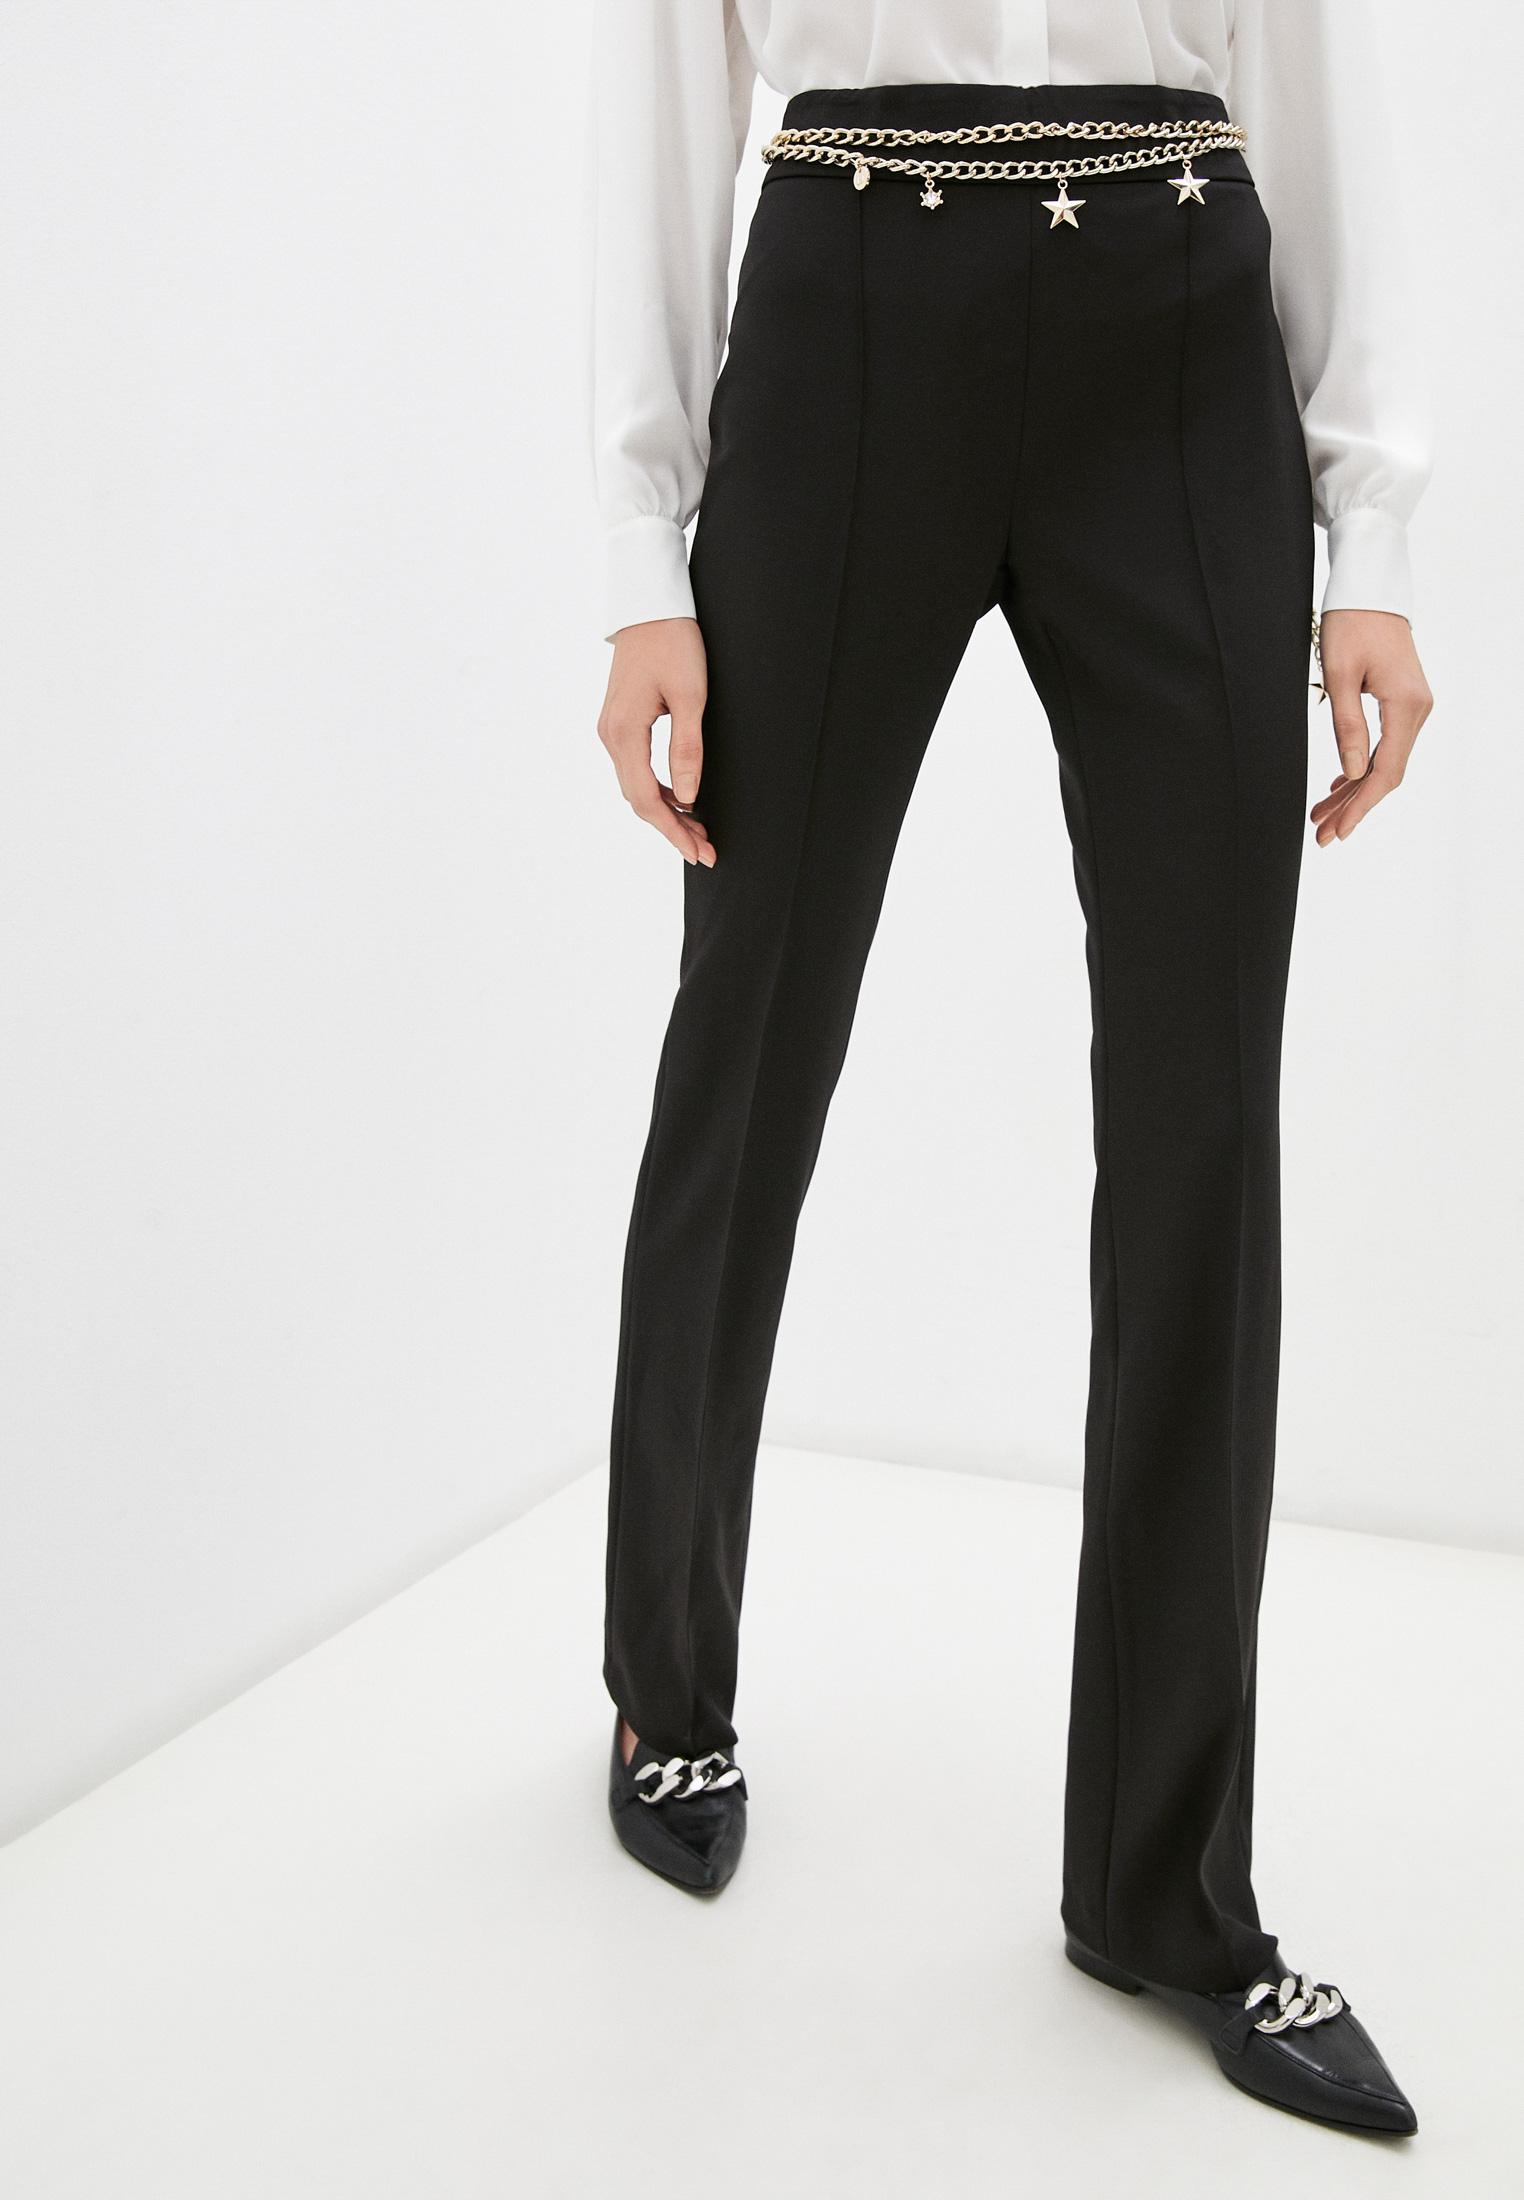 Женские классические брюки Liu Jo (Лиу Джо) Брюки Liu Jo